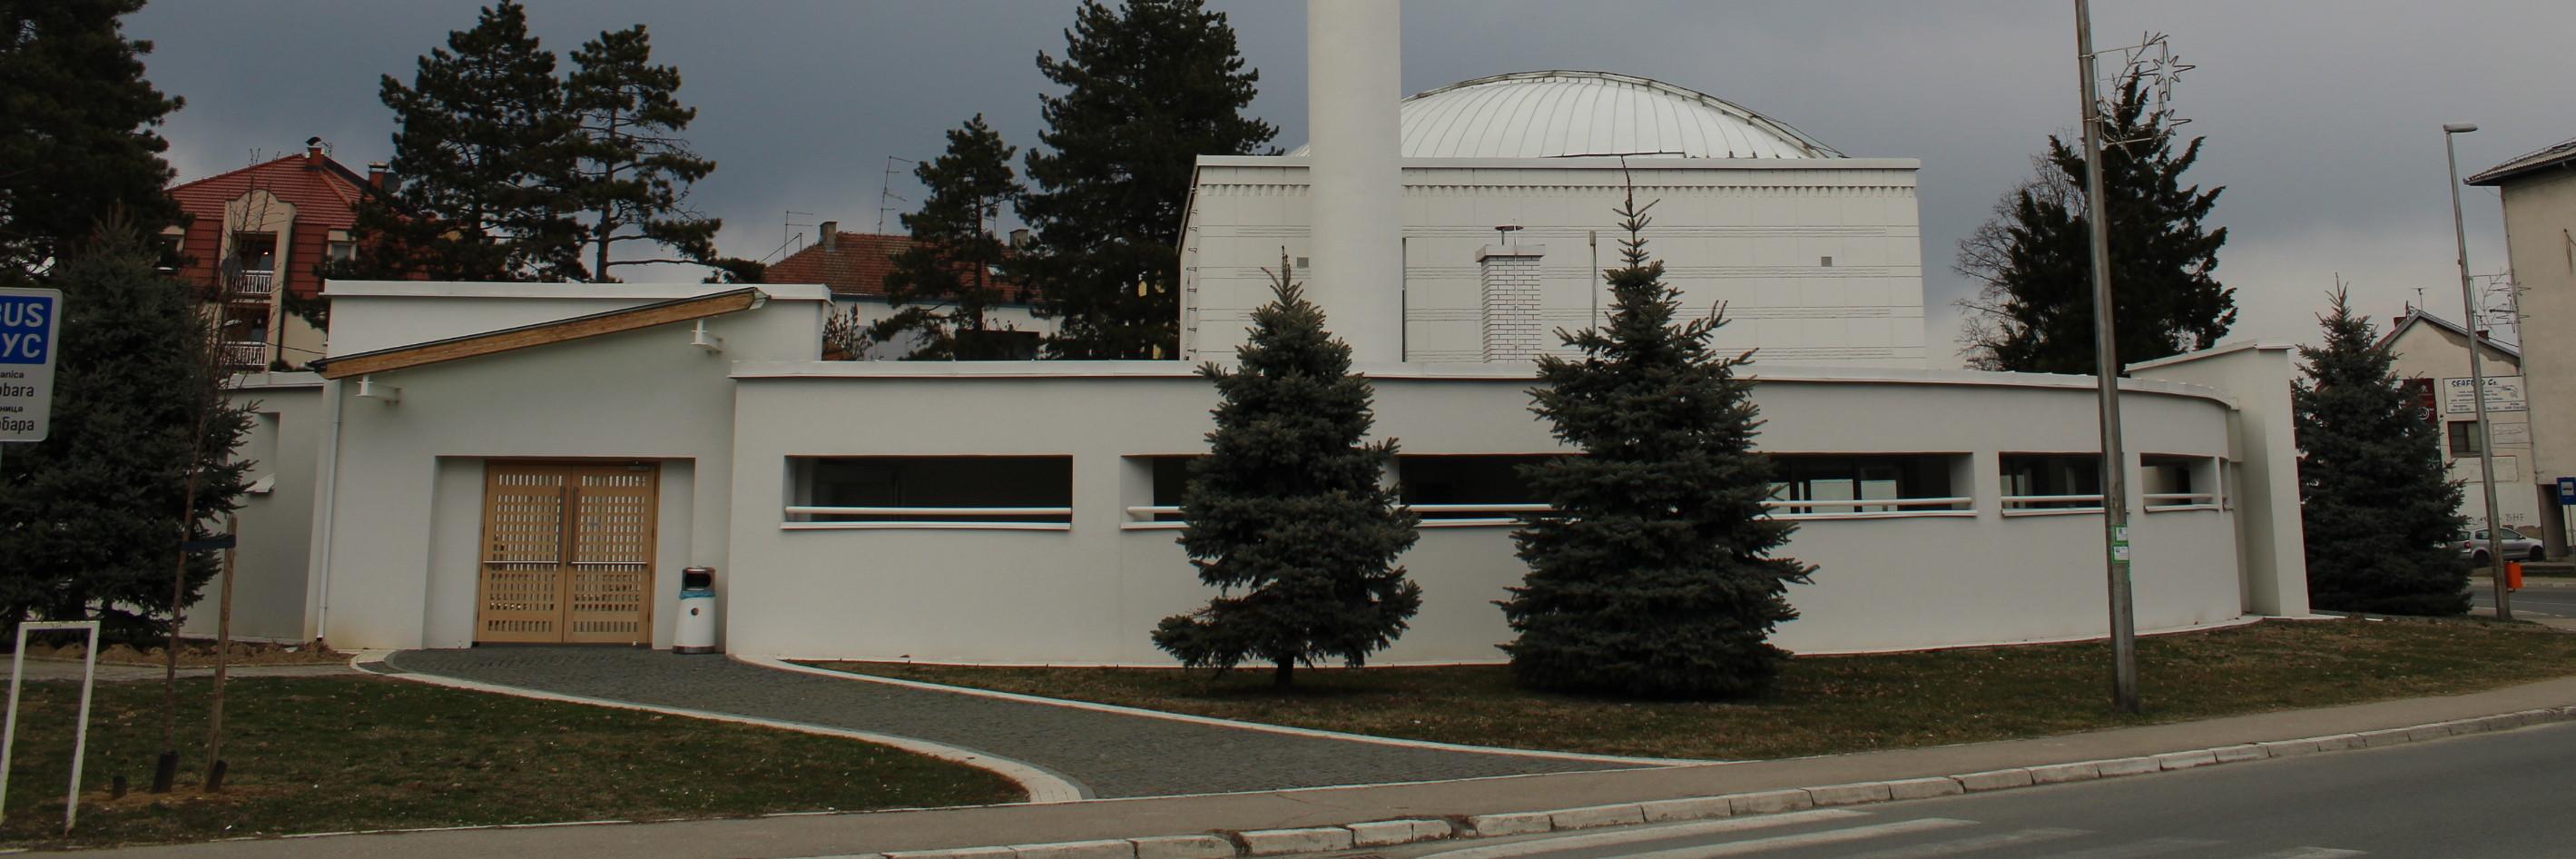 Белая мечеть в Брчко. Фото: Елена Арсениевич, CC BY-SA 3.0